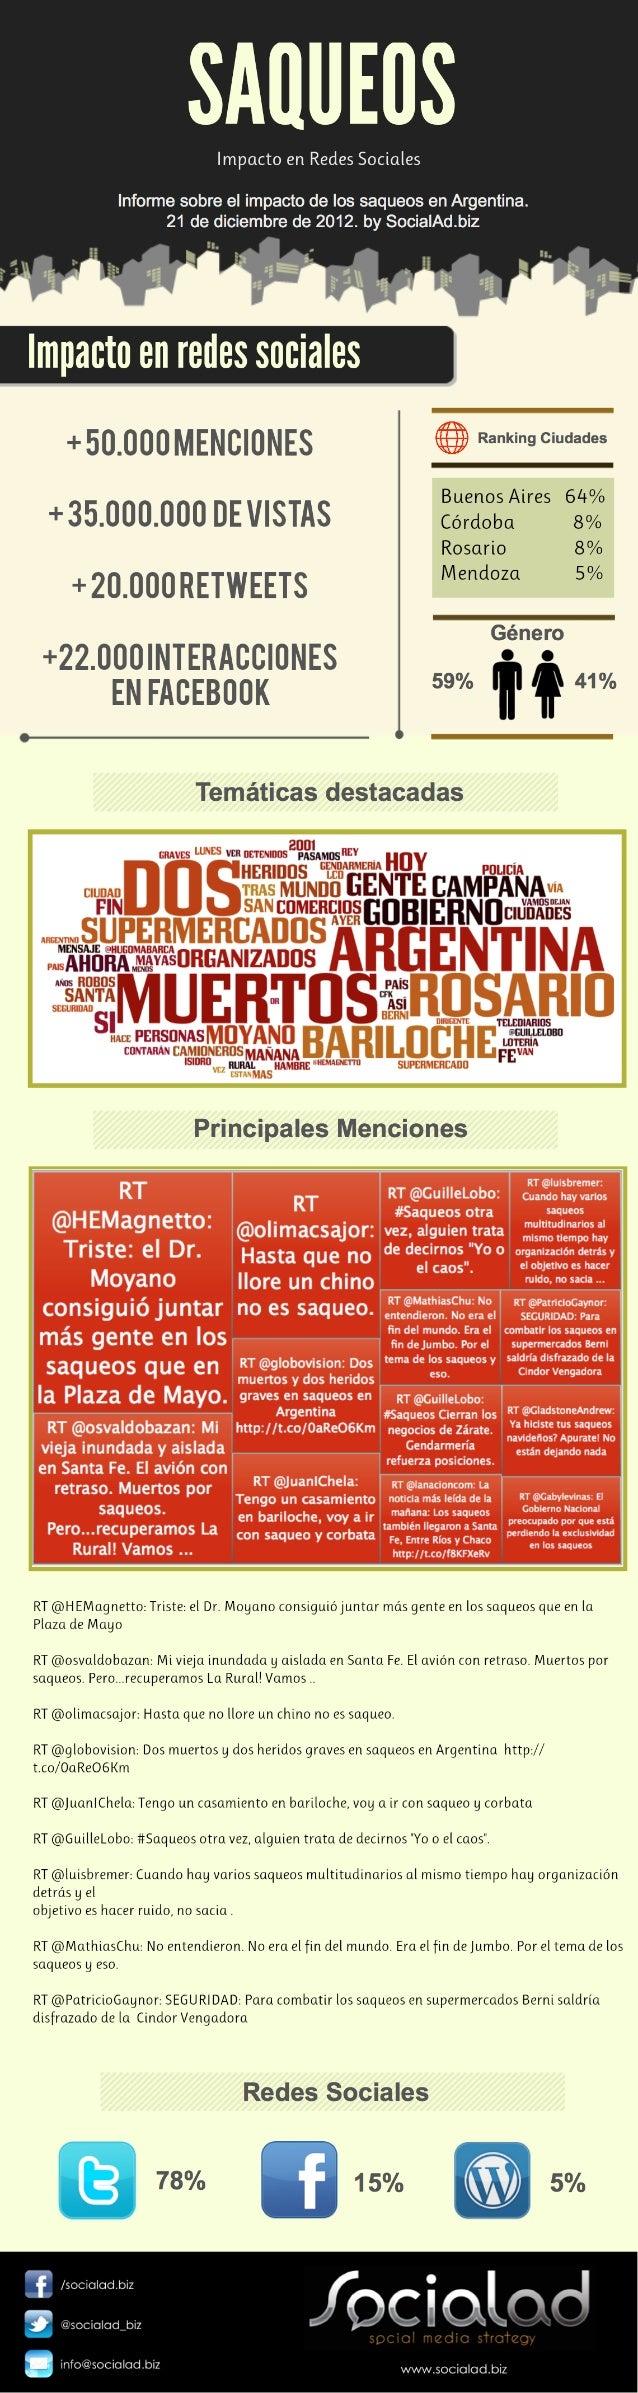 Saqueos. Impacto en Redes Sociales by SocialAd.